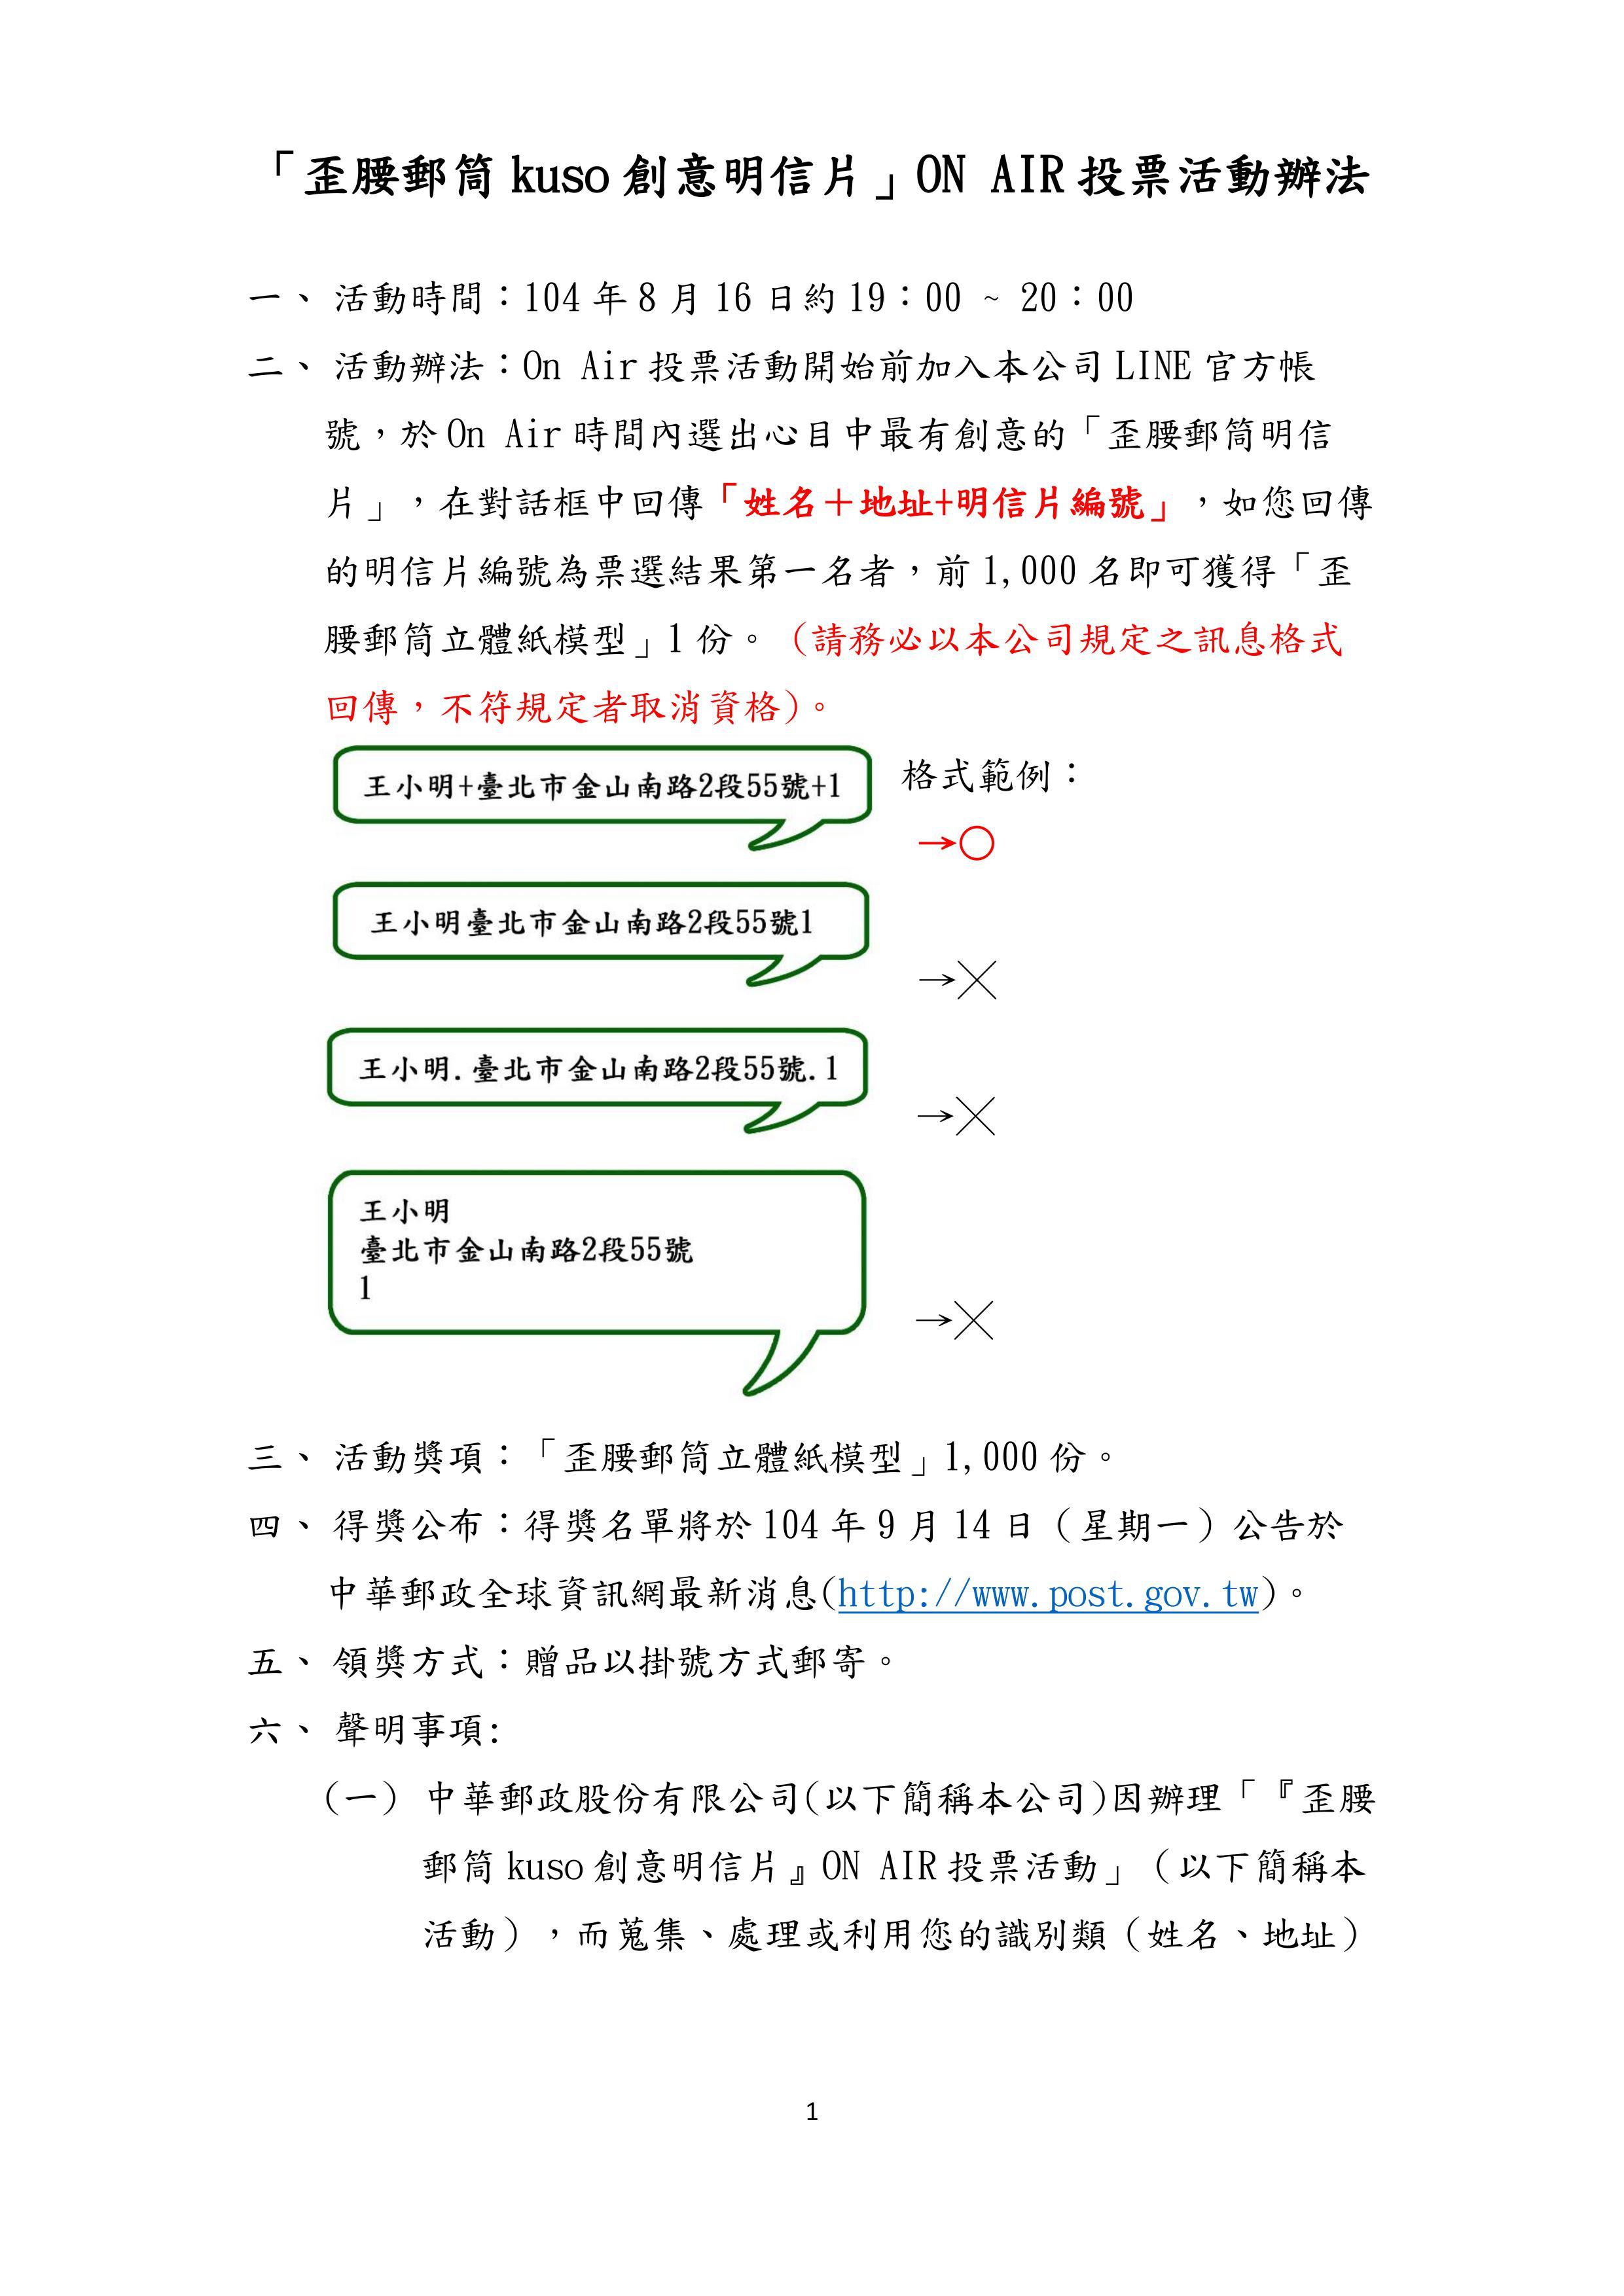 「歪腰郵筒kuso創意明信片」ON AIR投票活動辦法